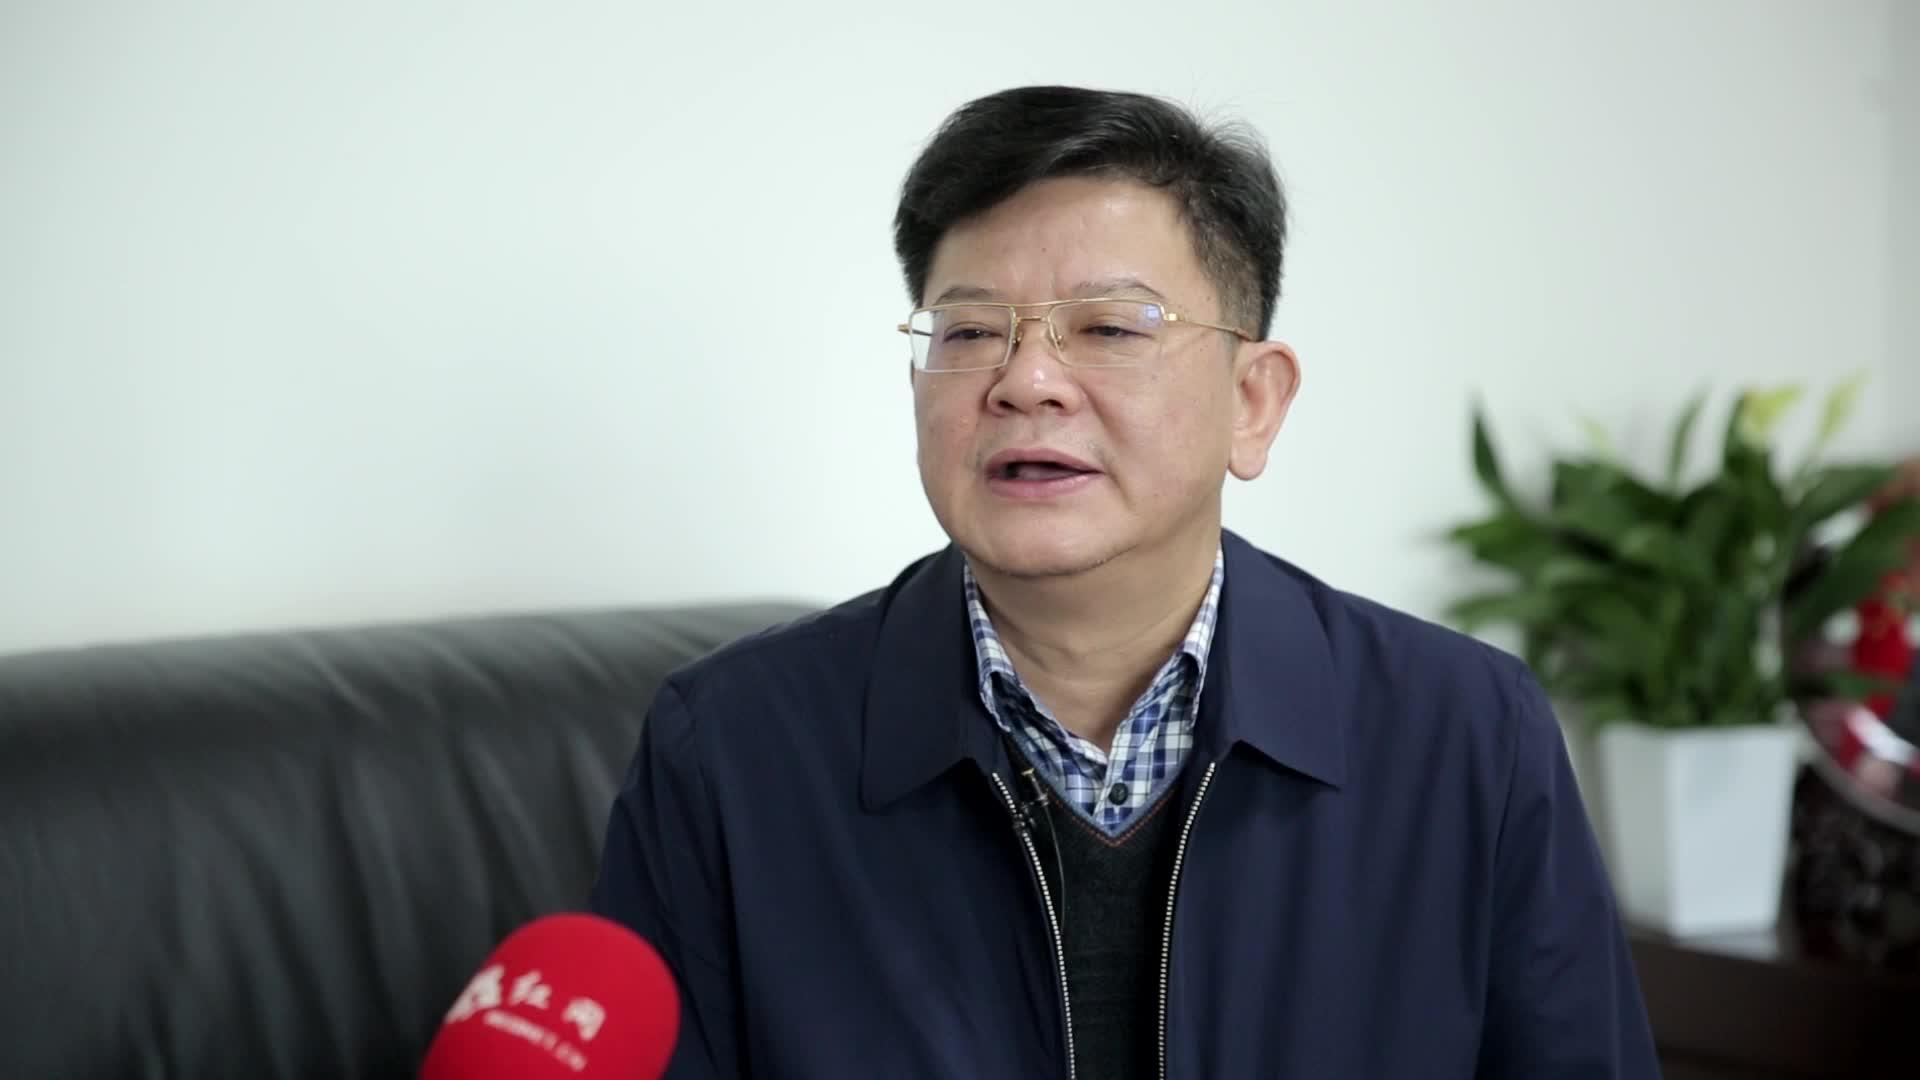 湖南省质量技术监督局局长欧阳彪:加快质量发展步伐 质量强省建设成效显著